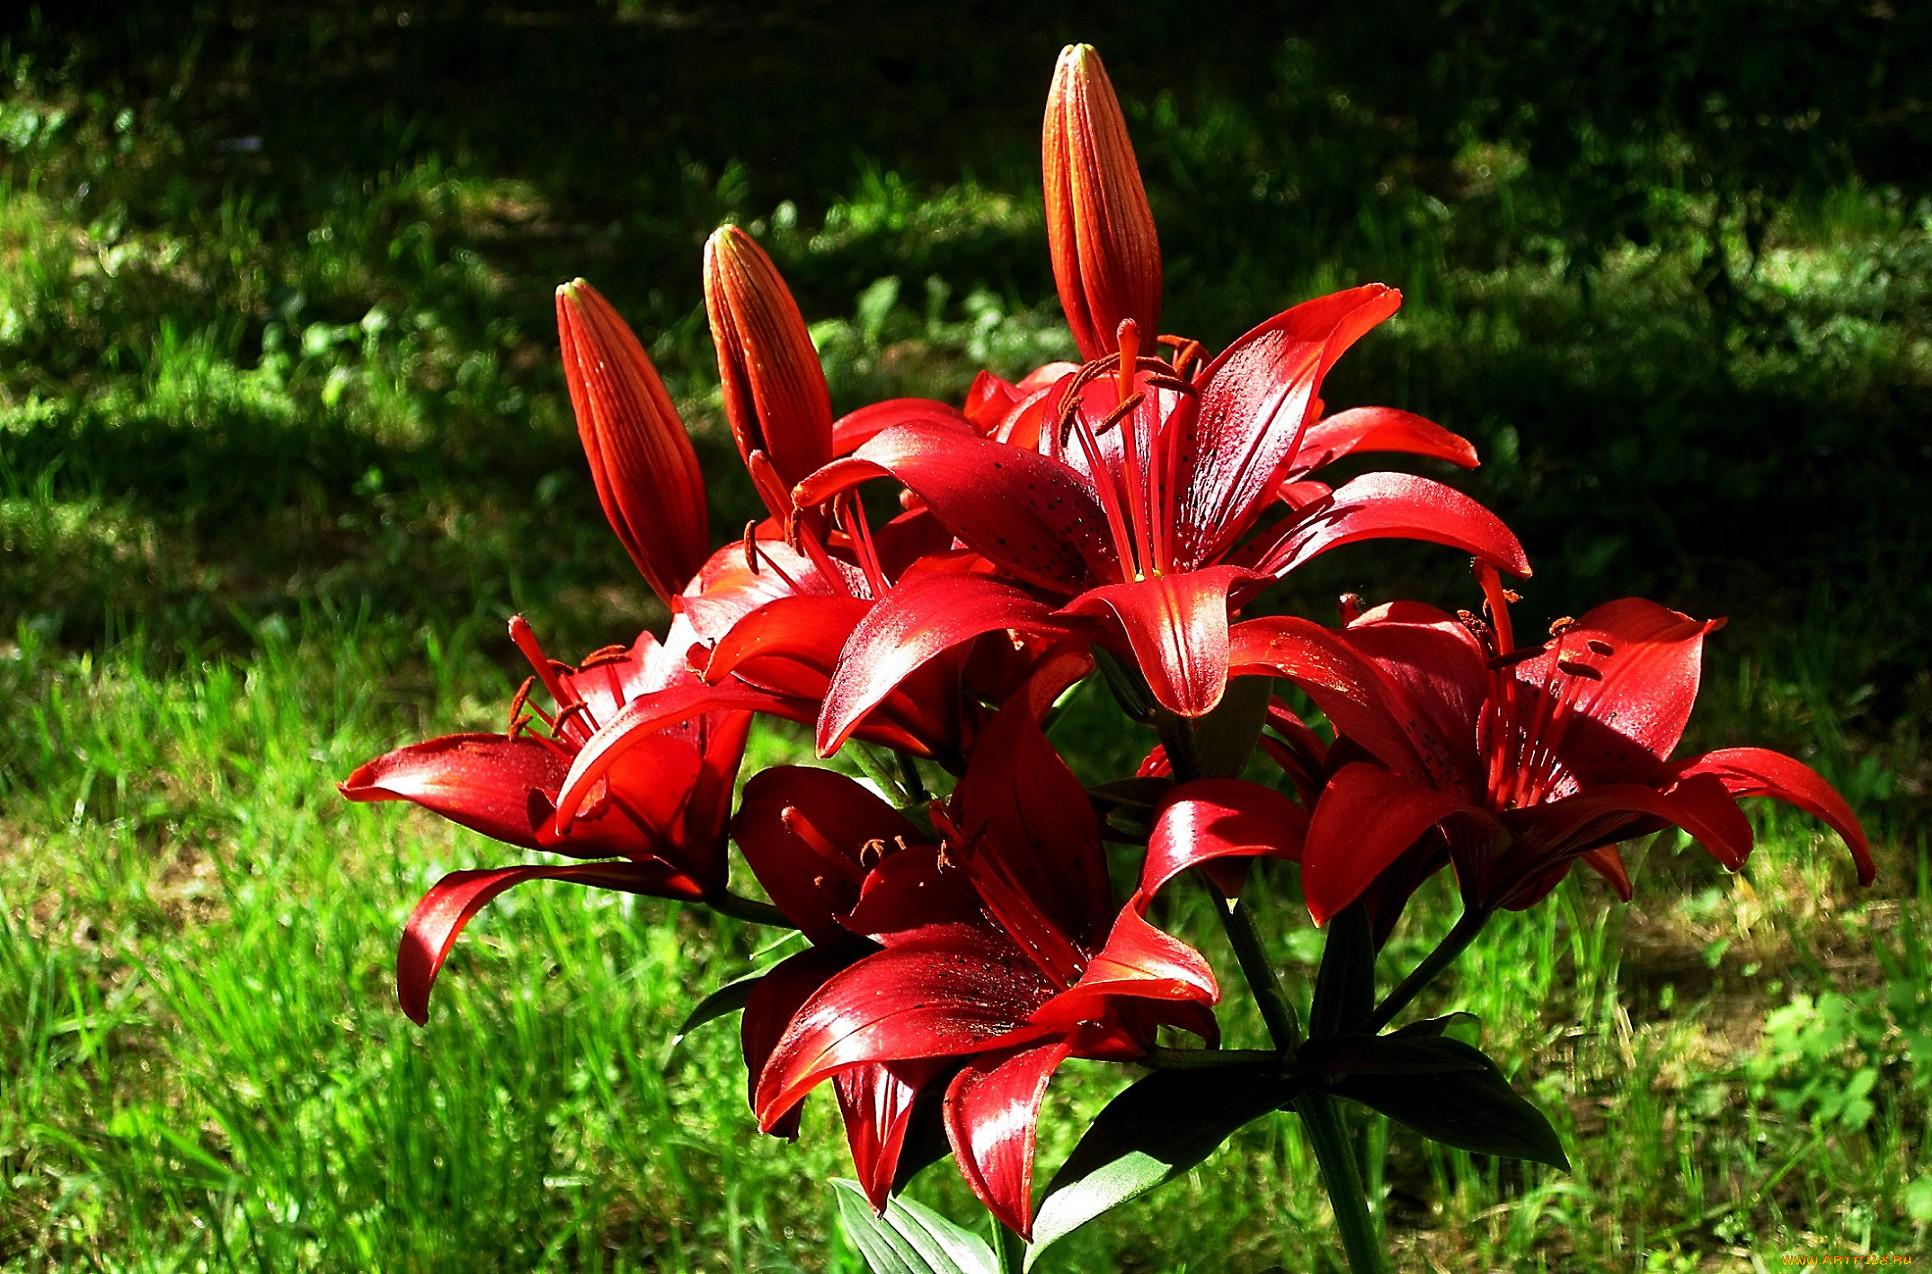 чисто, фото цветов лилии разных видов современной науки